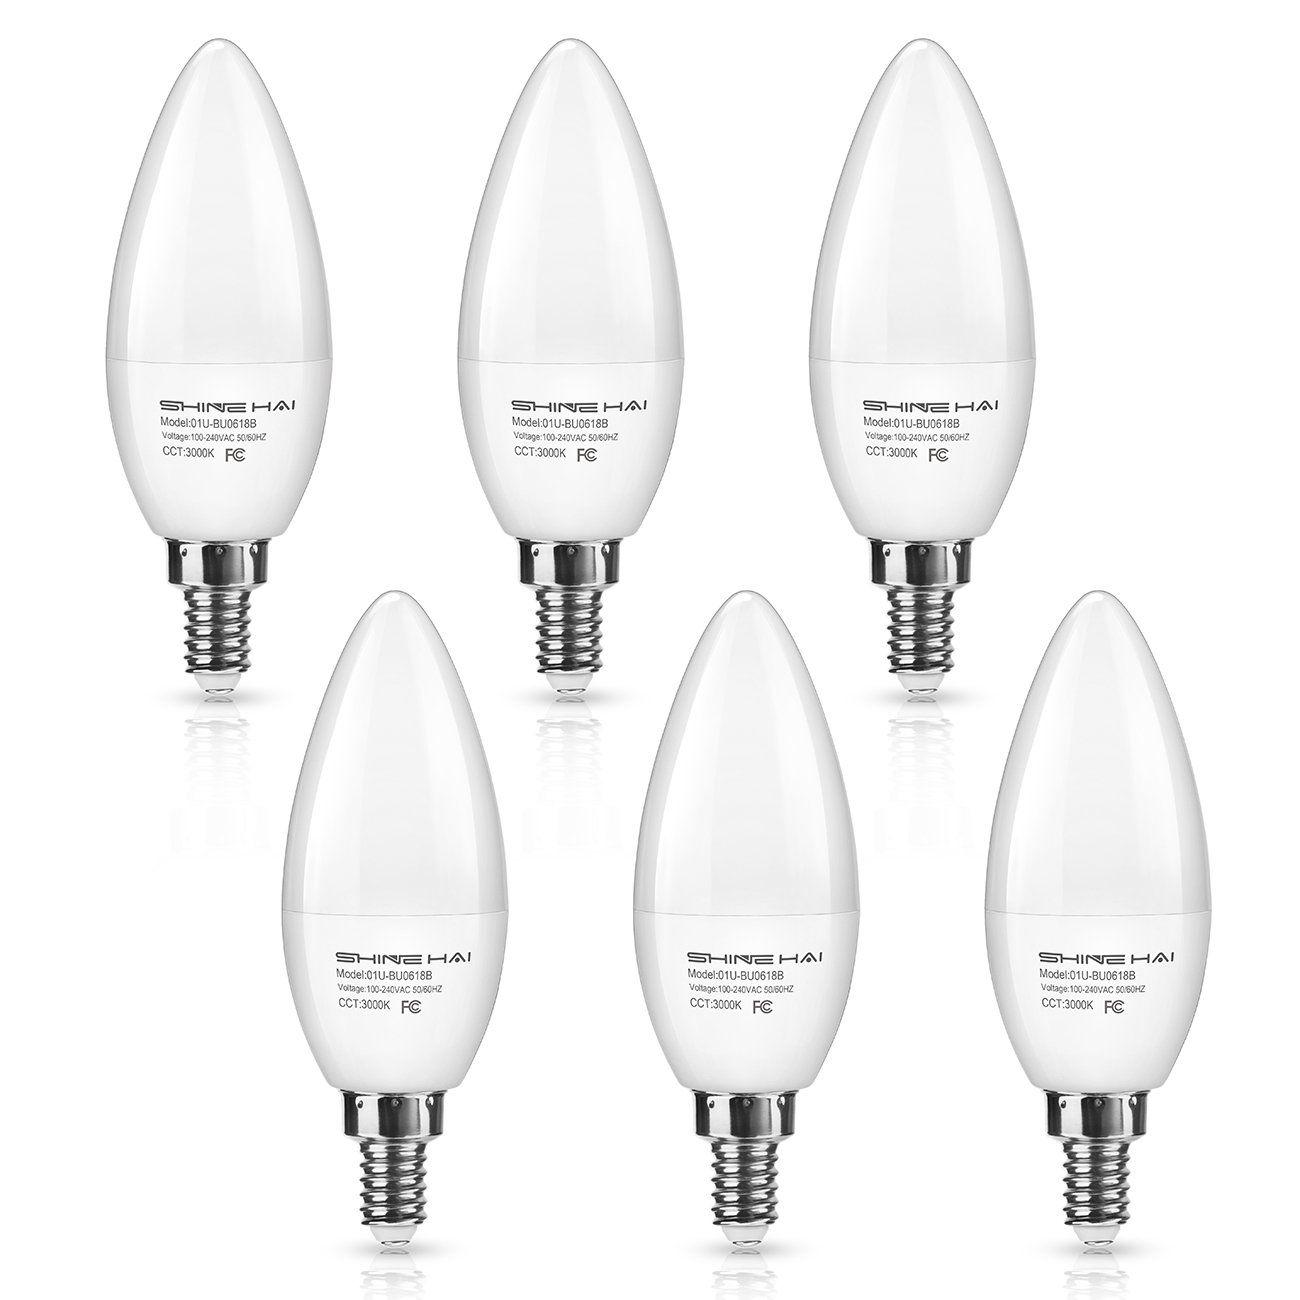 led lights for chandelier. SHINE HAI Candelabra LED Bulbs 50W Equivalent, 500 Lumens 3000K Warm White Decorative Candle Light Led Lights For Chandelier C